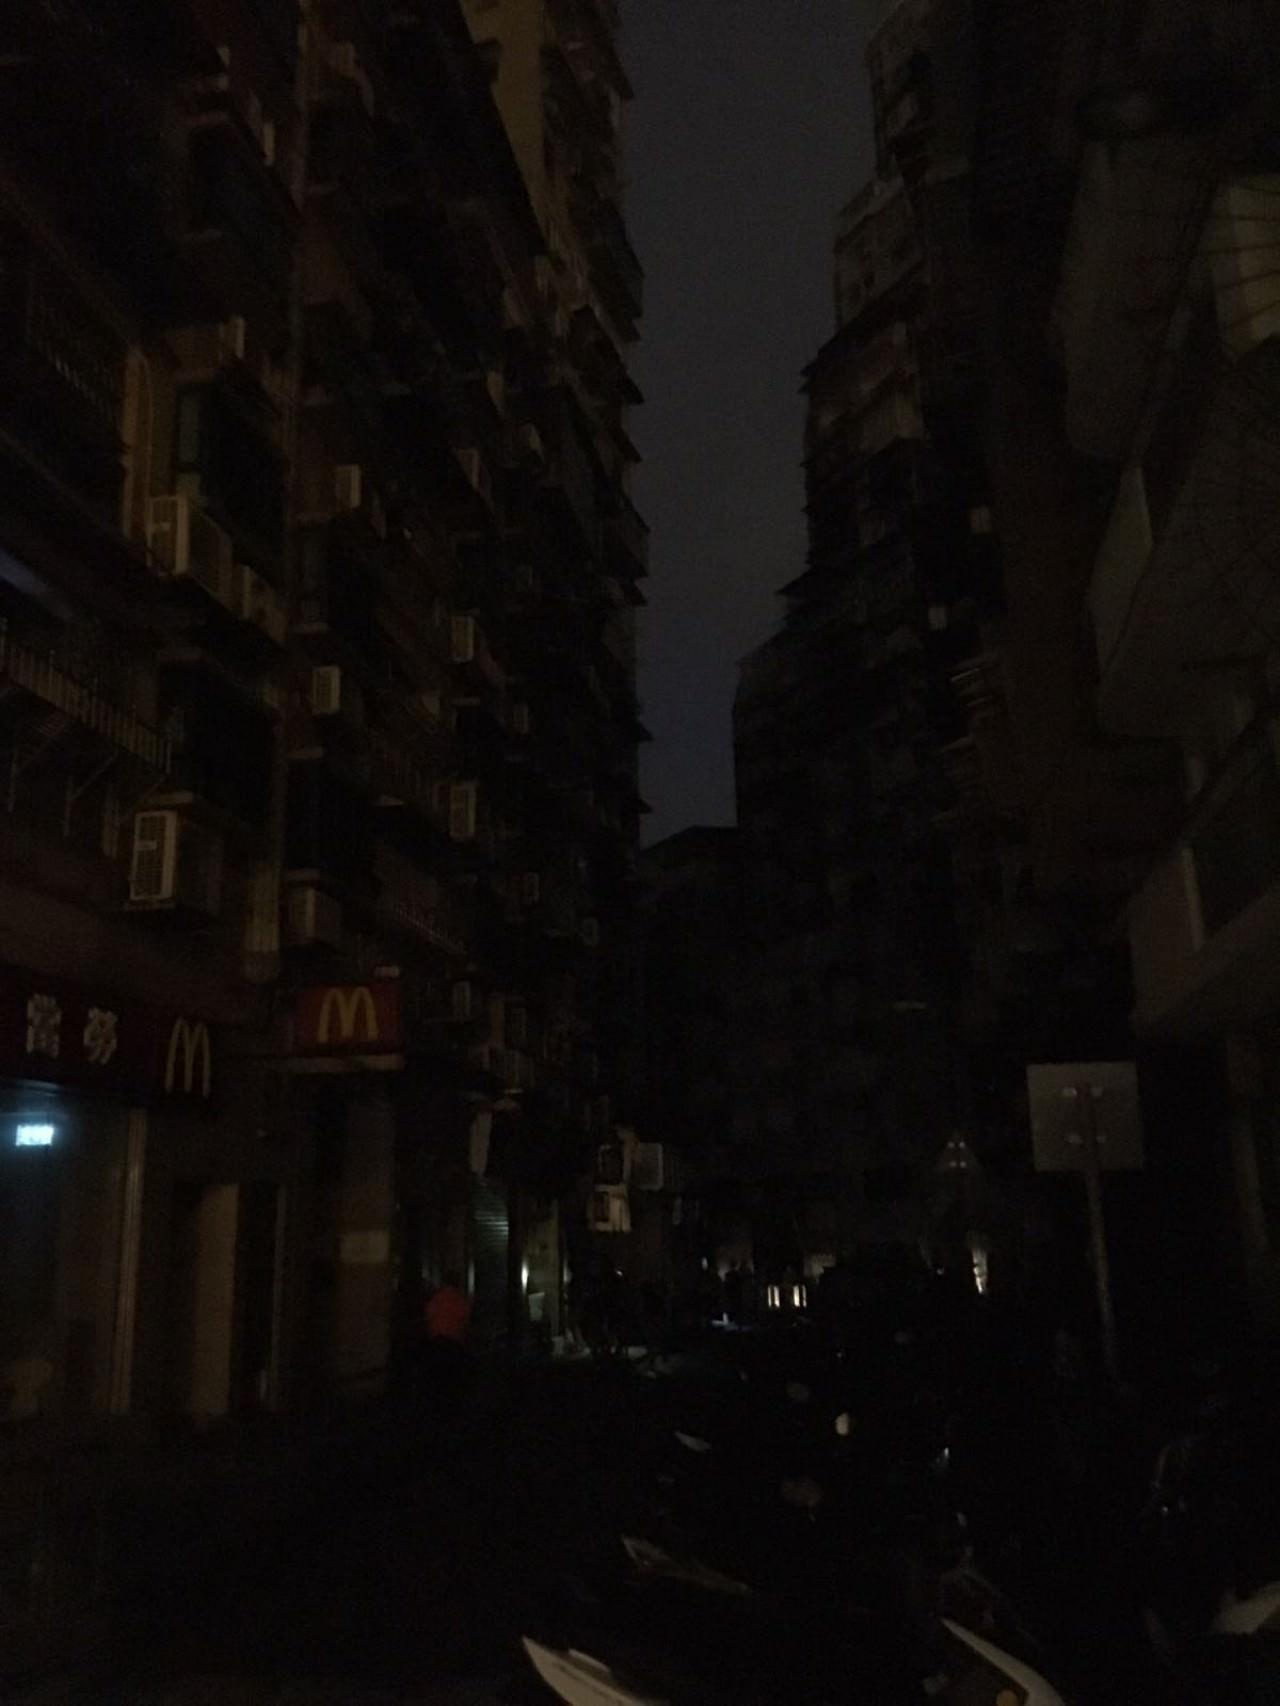 澳門受天鴿風球摧殘,全市多處停電,漆黑一片。(讀者陳先生提供)